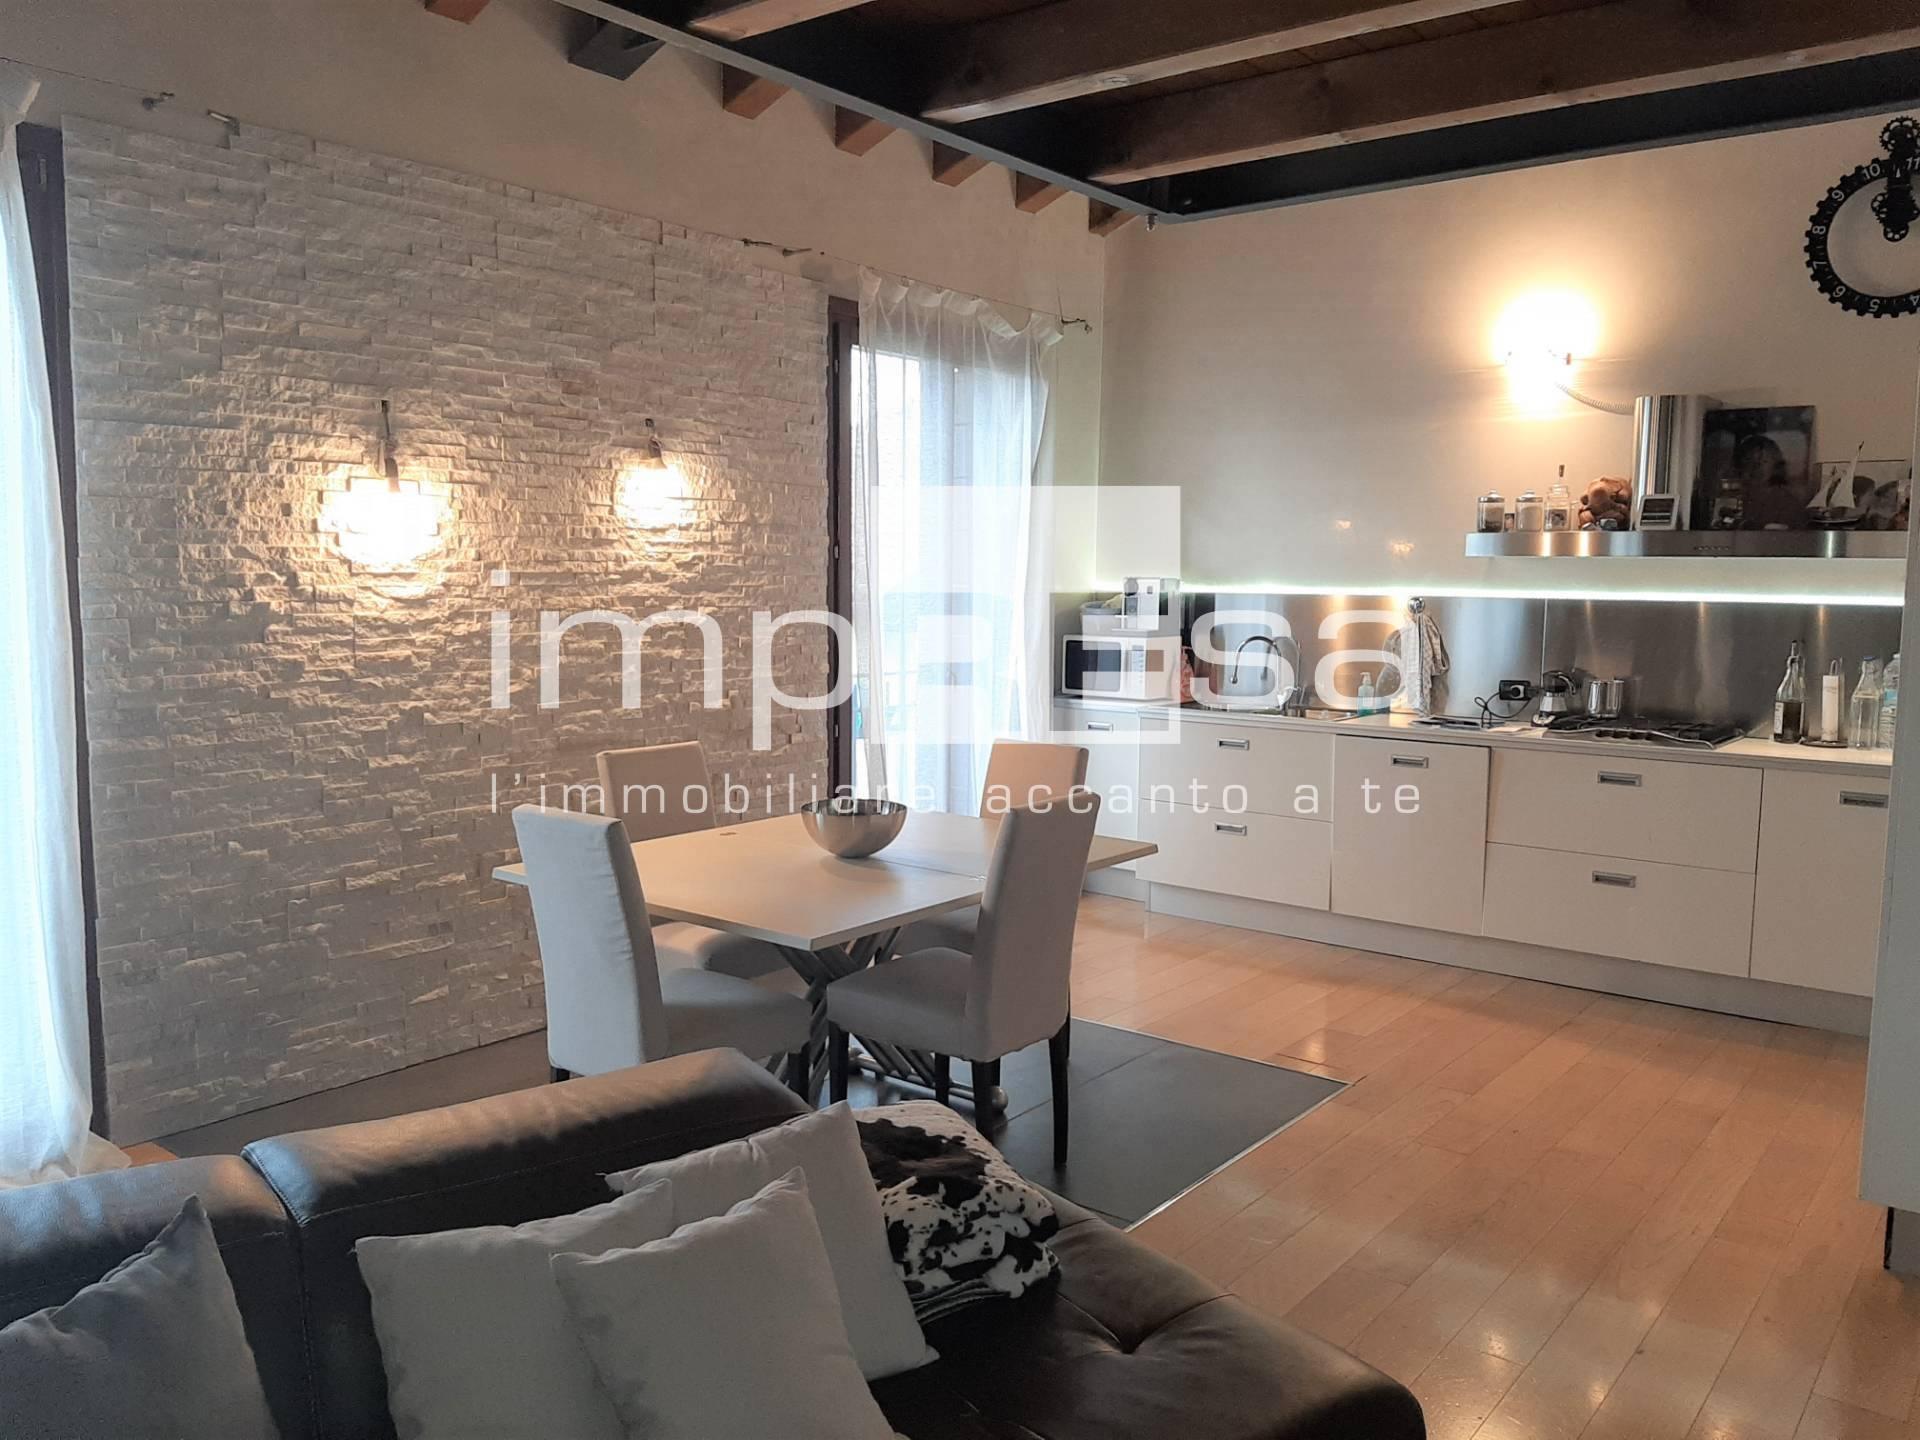 Appartamento in vendita a Spresiano, 4 locali, zona Zona: Visnadello, prezzo € 150.000 | CambioCasa.it